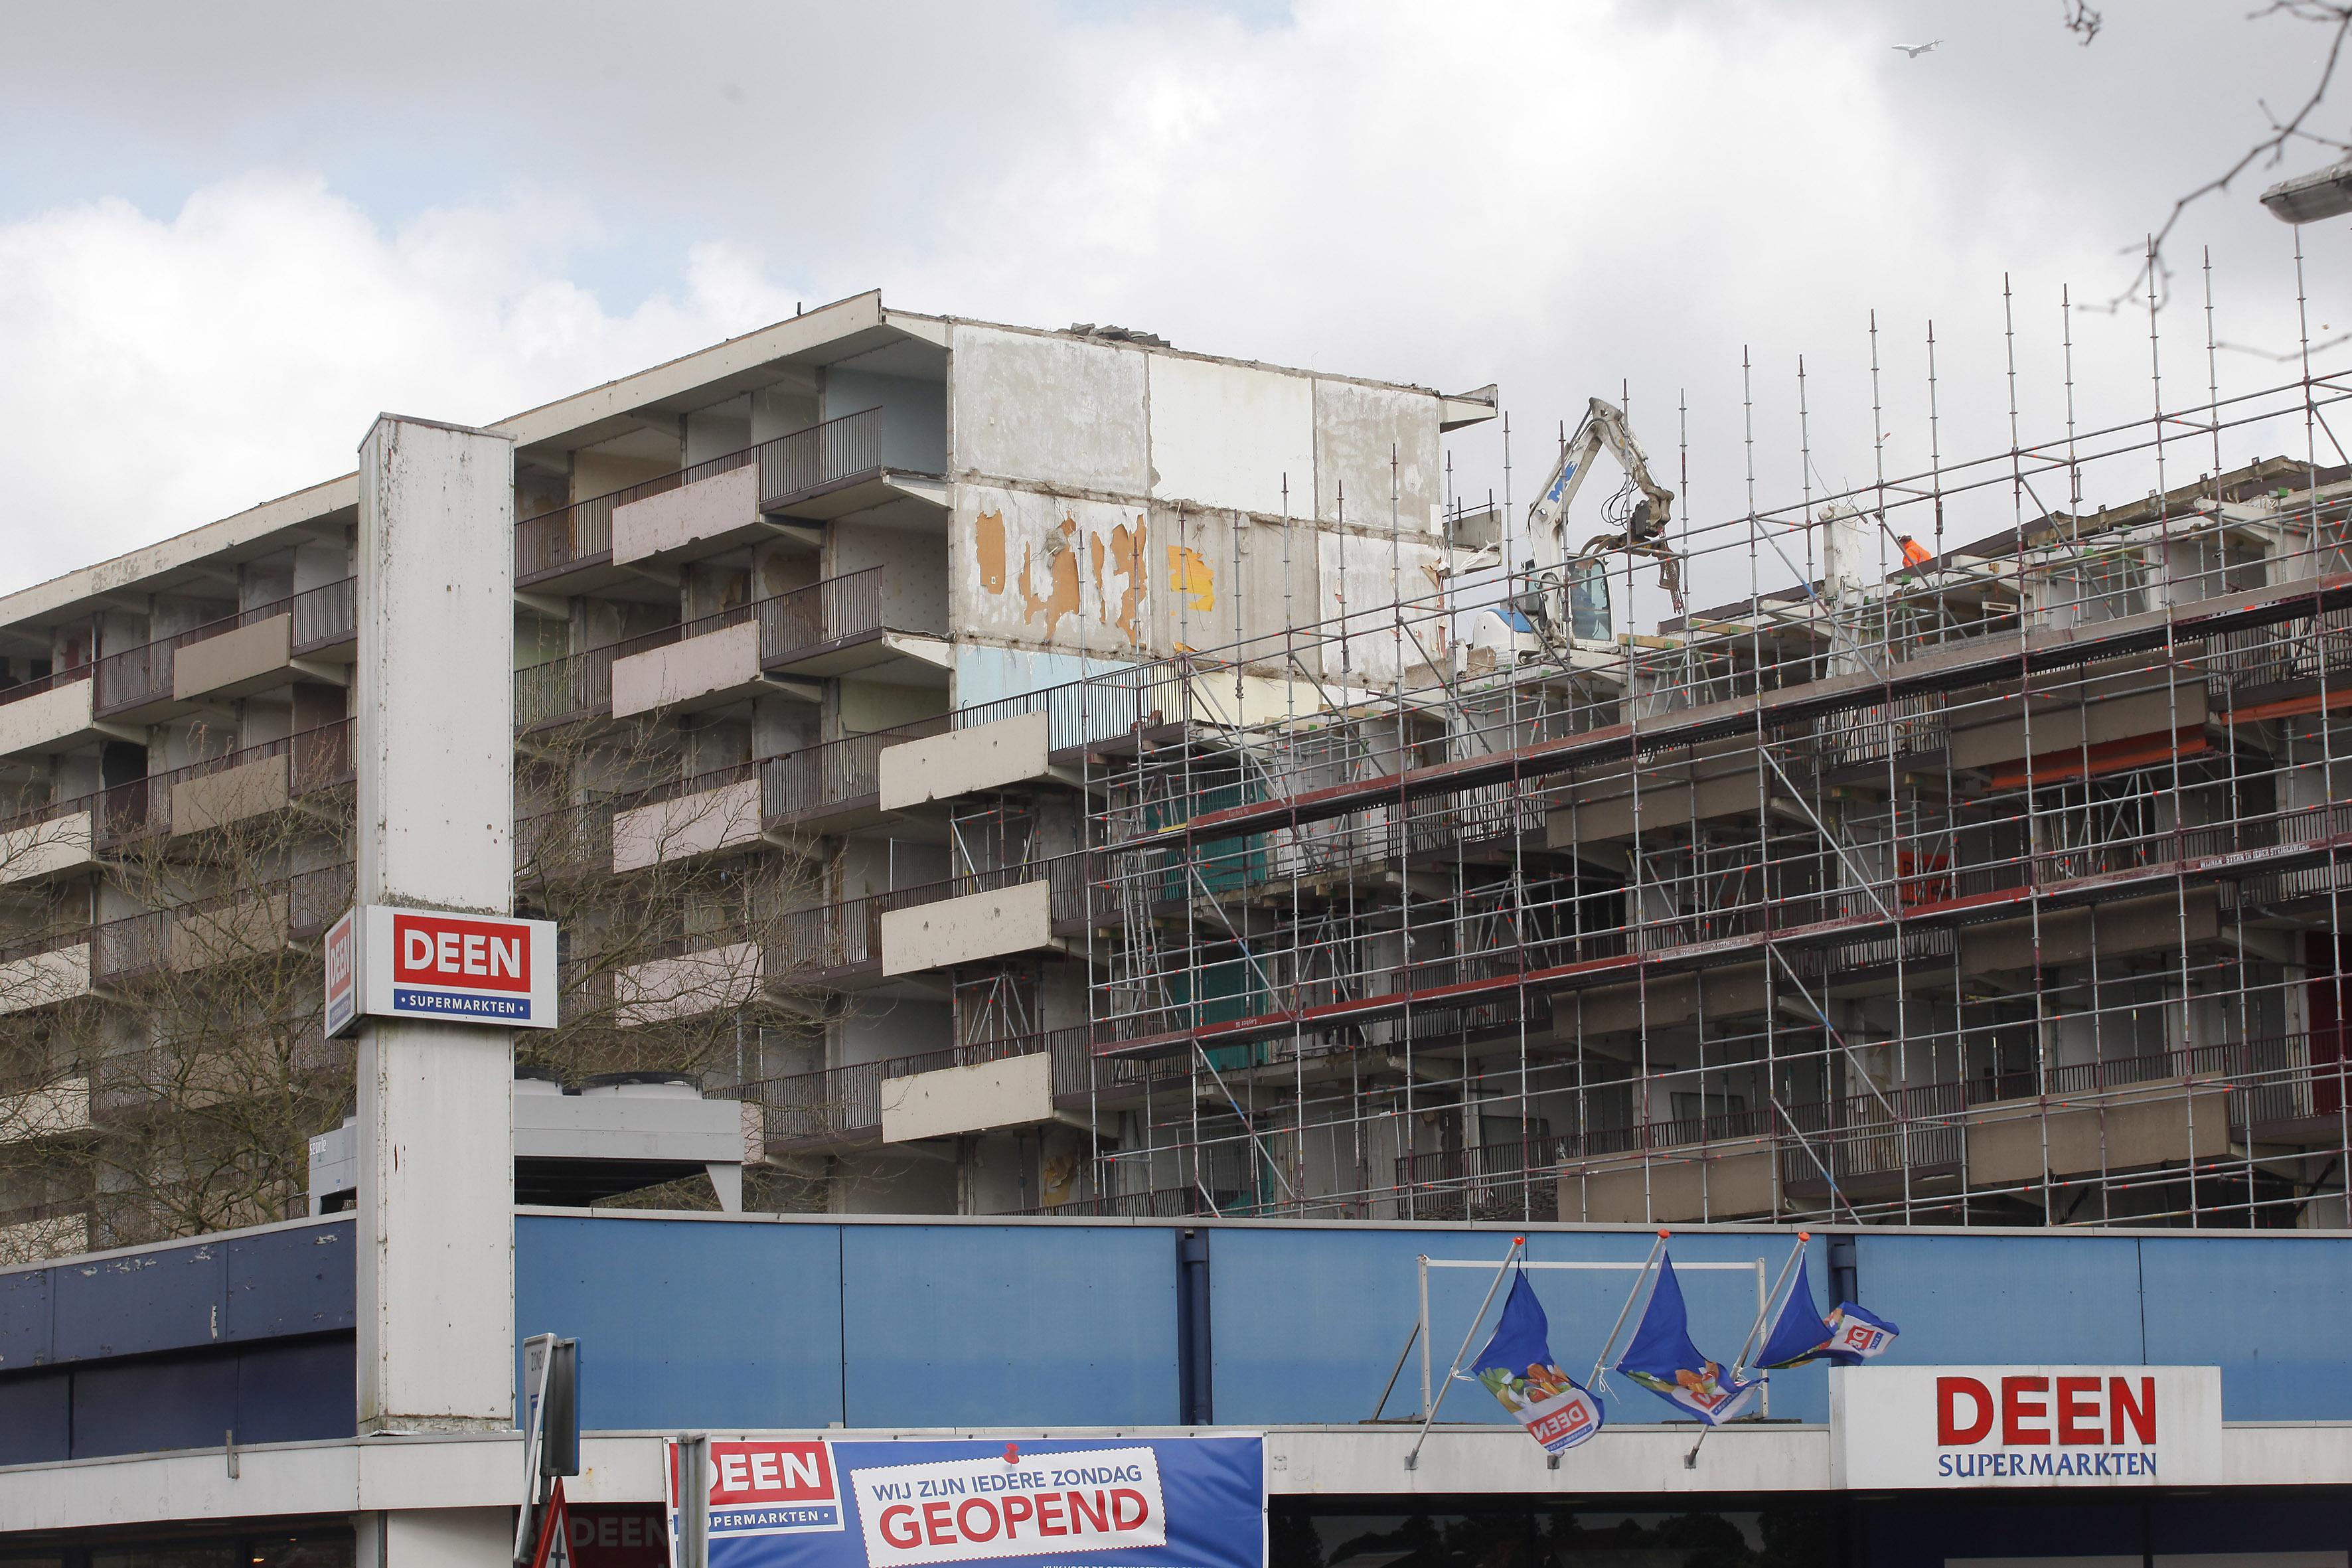 Omwonenden van gesloopte woonkolos in Weesp ten einde raad: hoogbouwplan verdwijnt niet van tafel, woningcorporatie Ymere wil niet meer praten